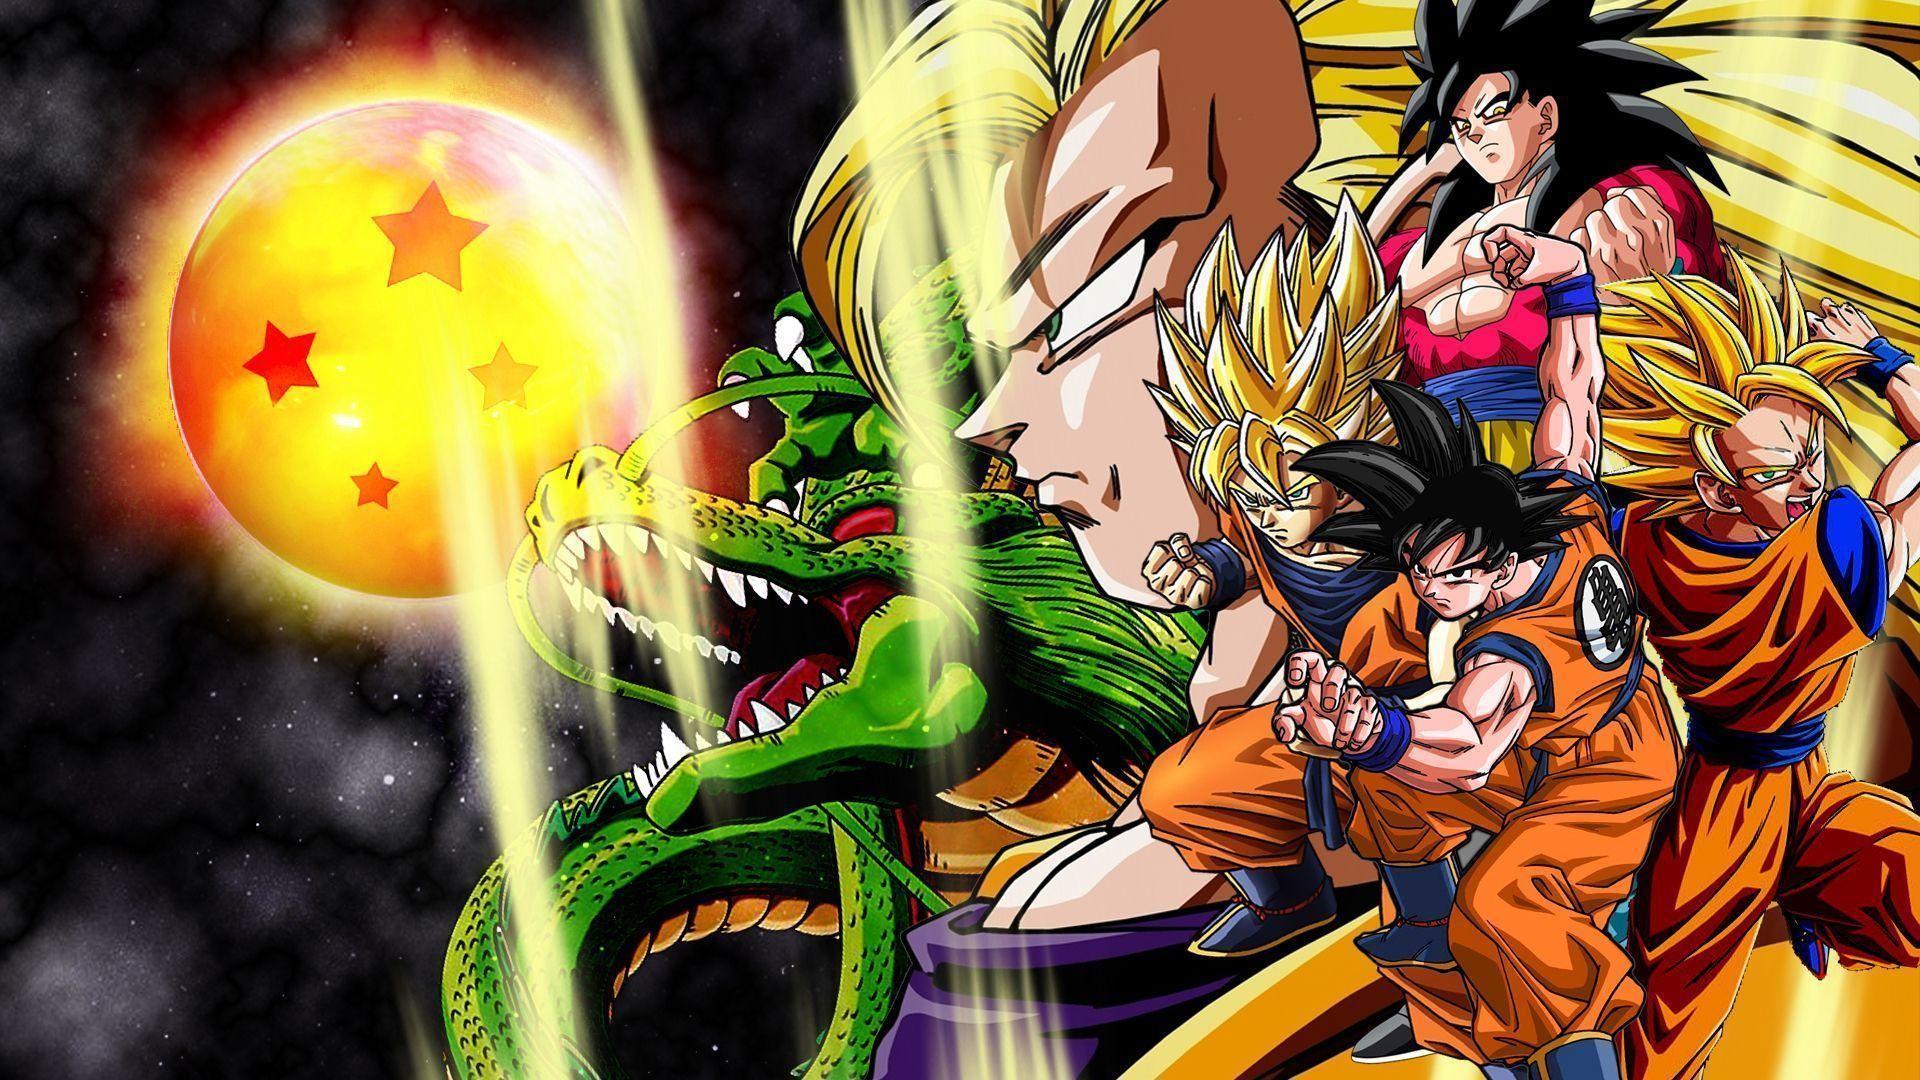 Cartoon Wallpaper: Goku Super Saiyan God Wallpapers Images with .